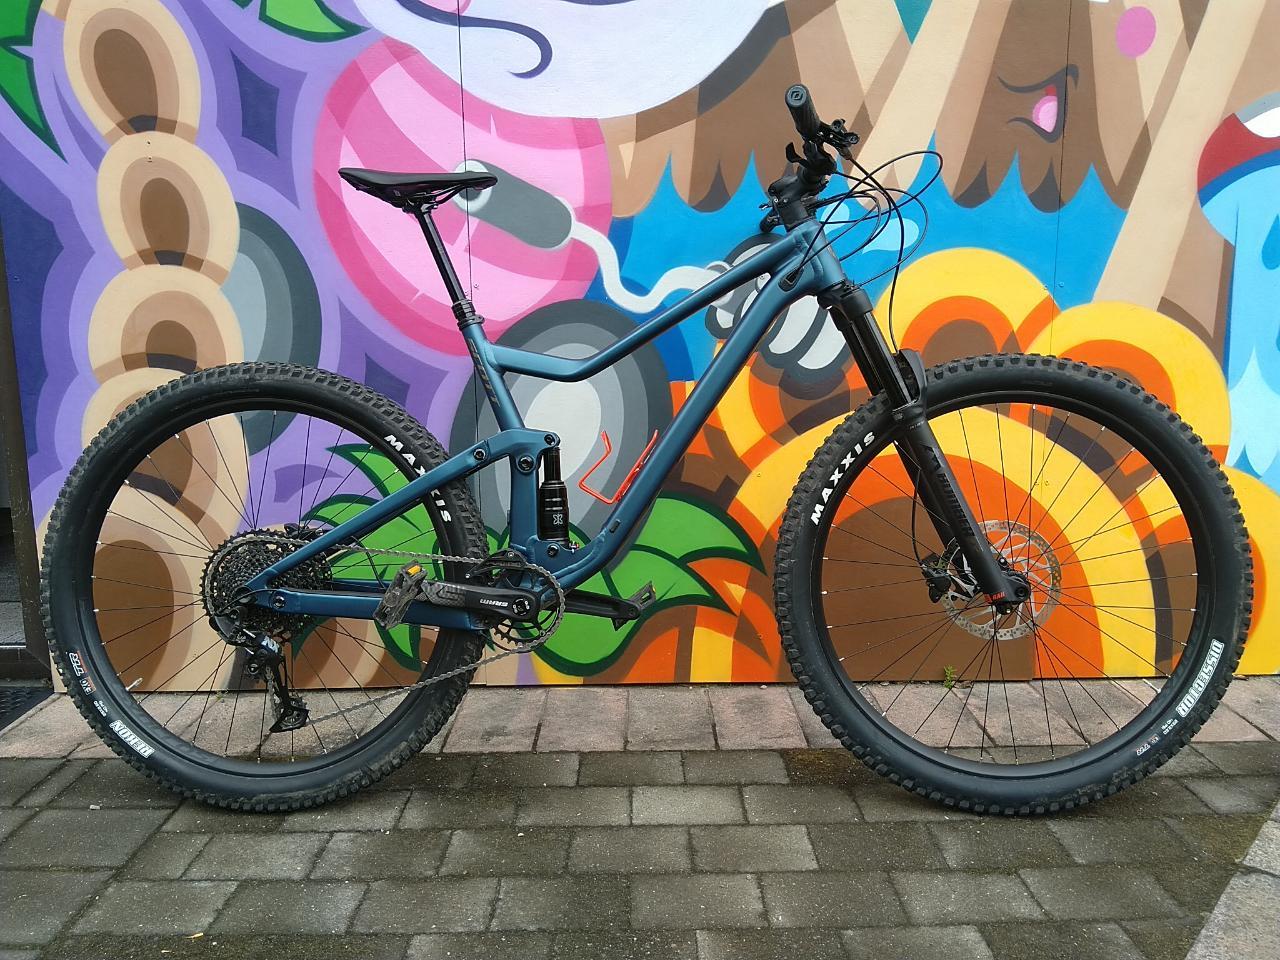 Full Suspension Scott Genius bike - Full Day